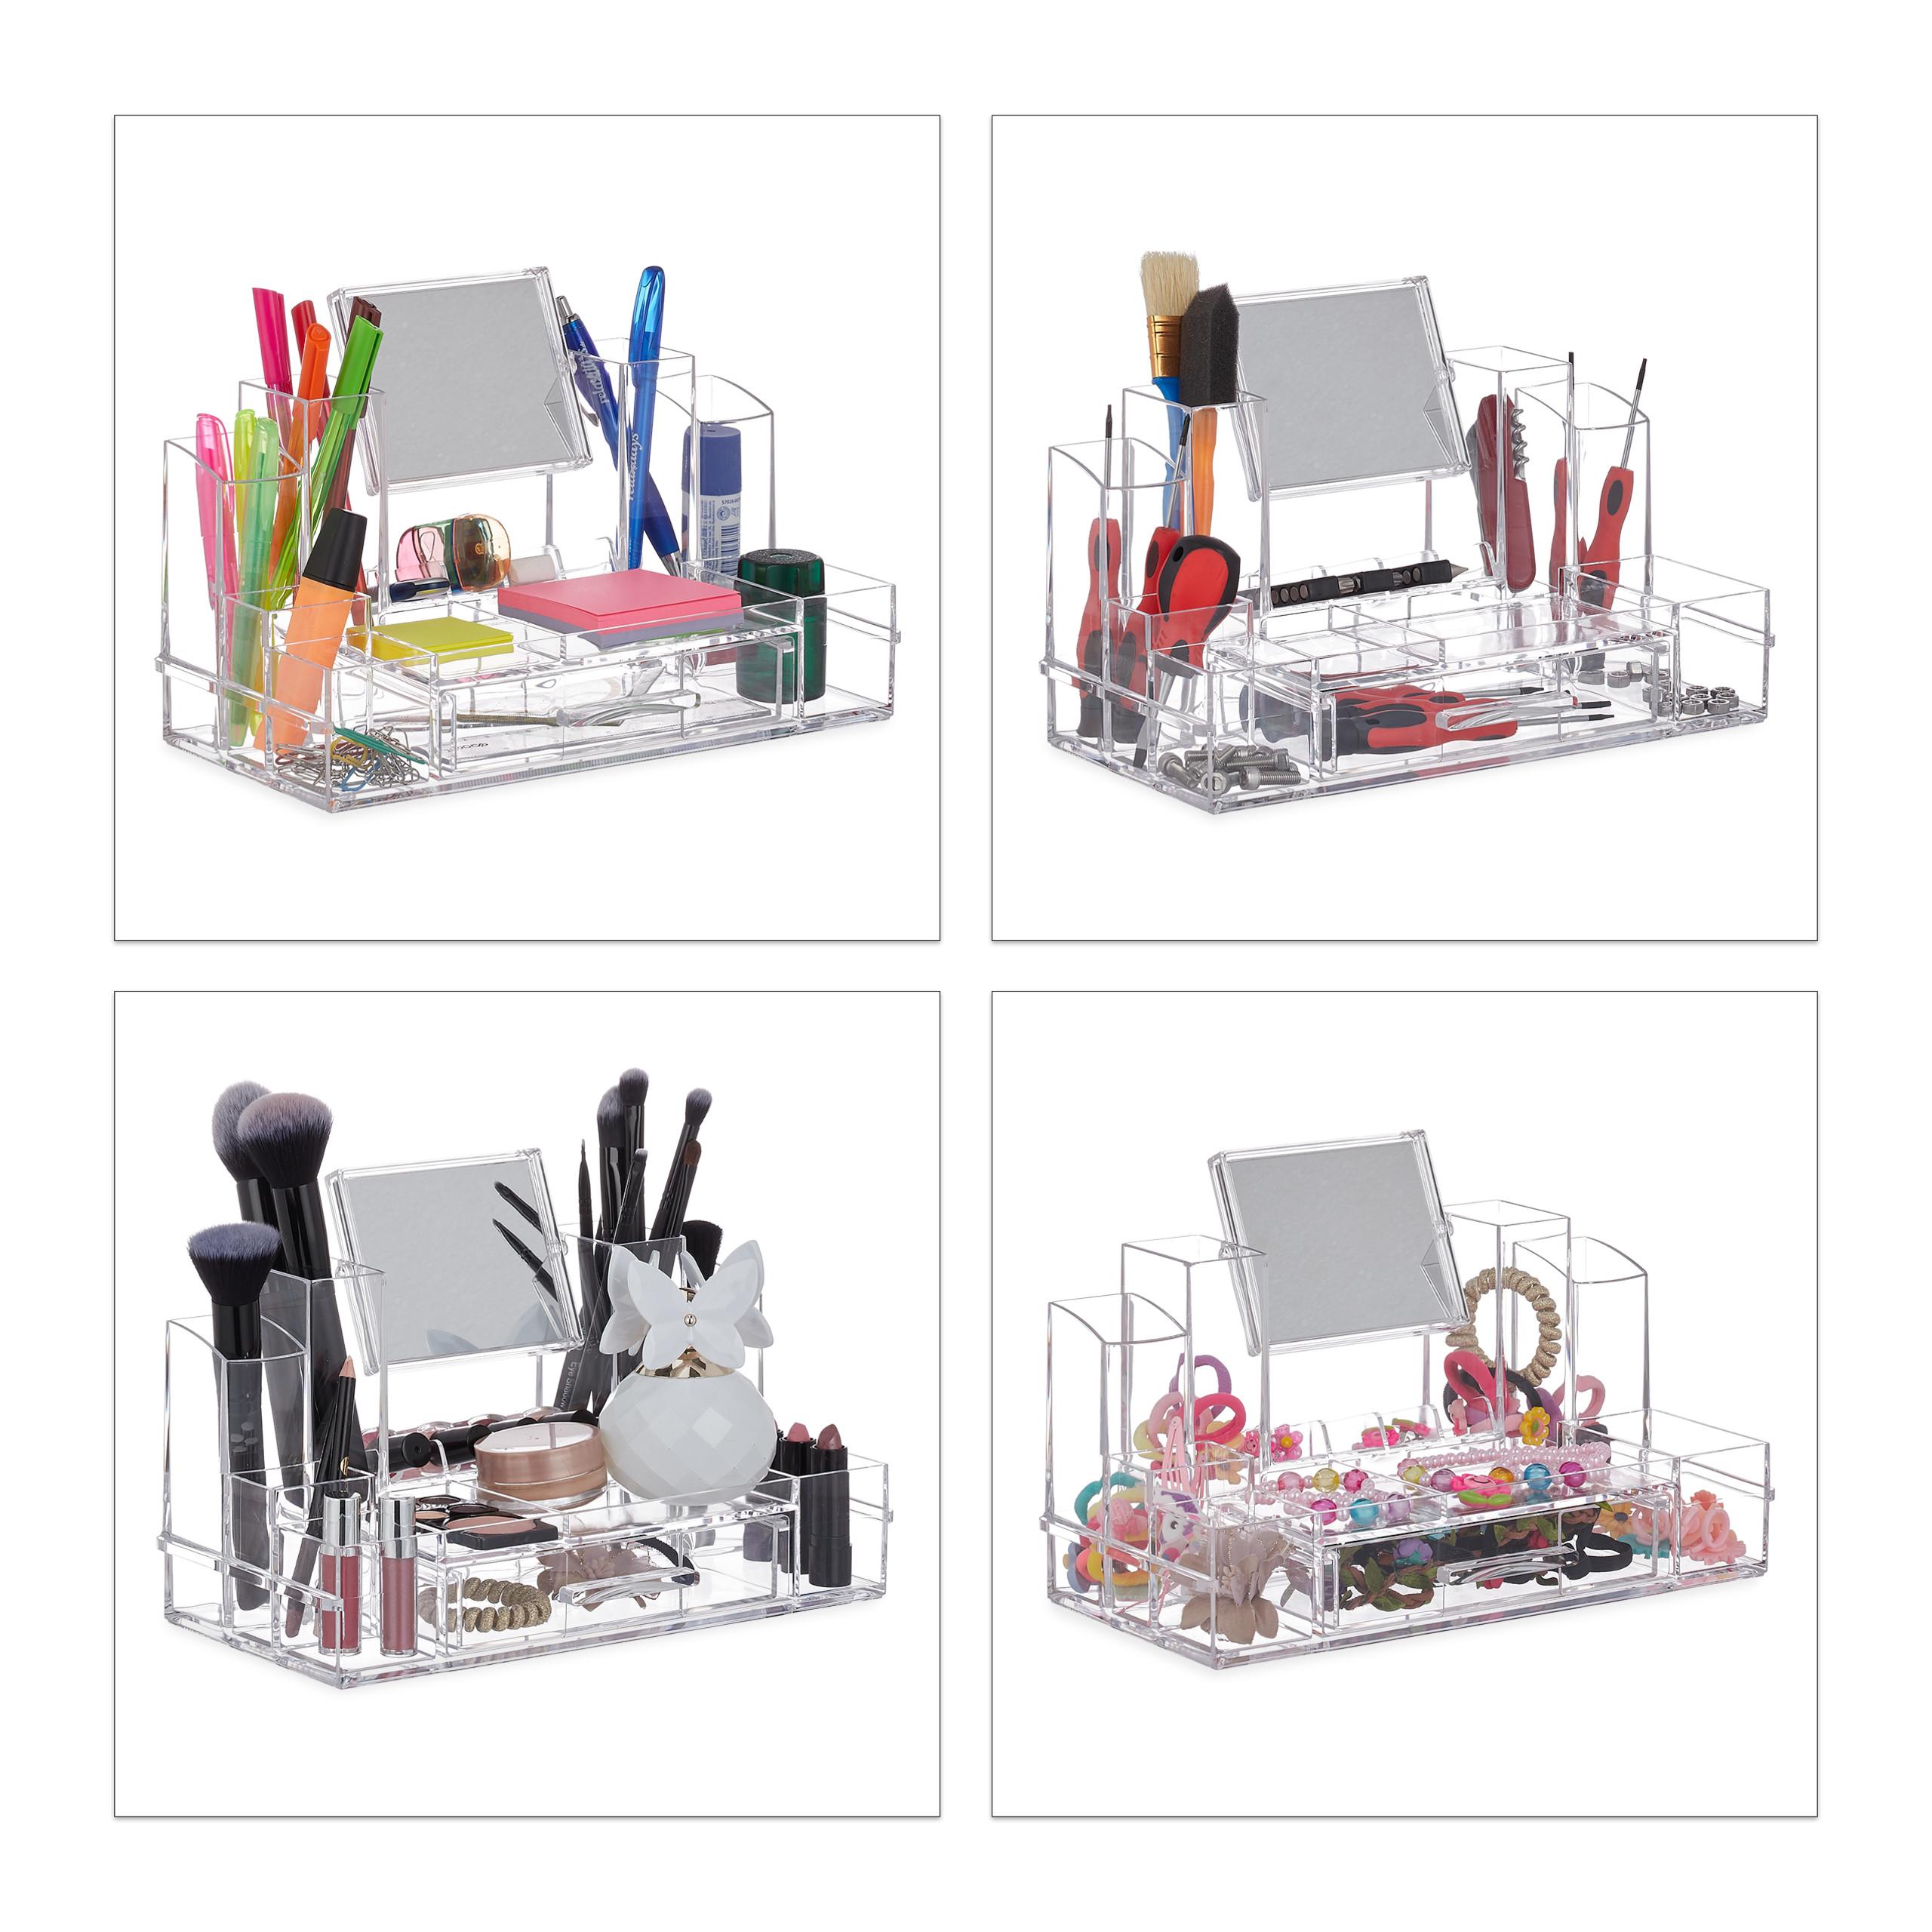 make-up-organizer-acryl-cosmetica-organizer-spiegel-sieradenkist miniatuur 4